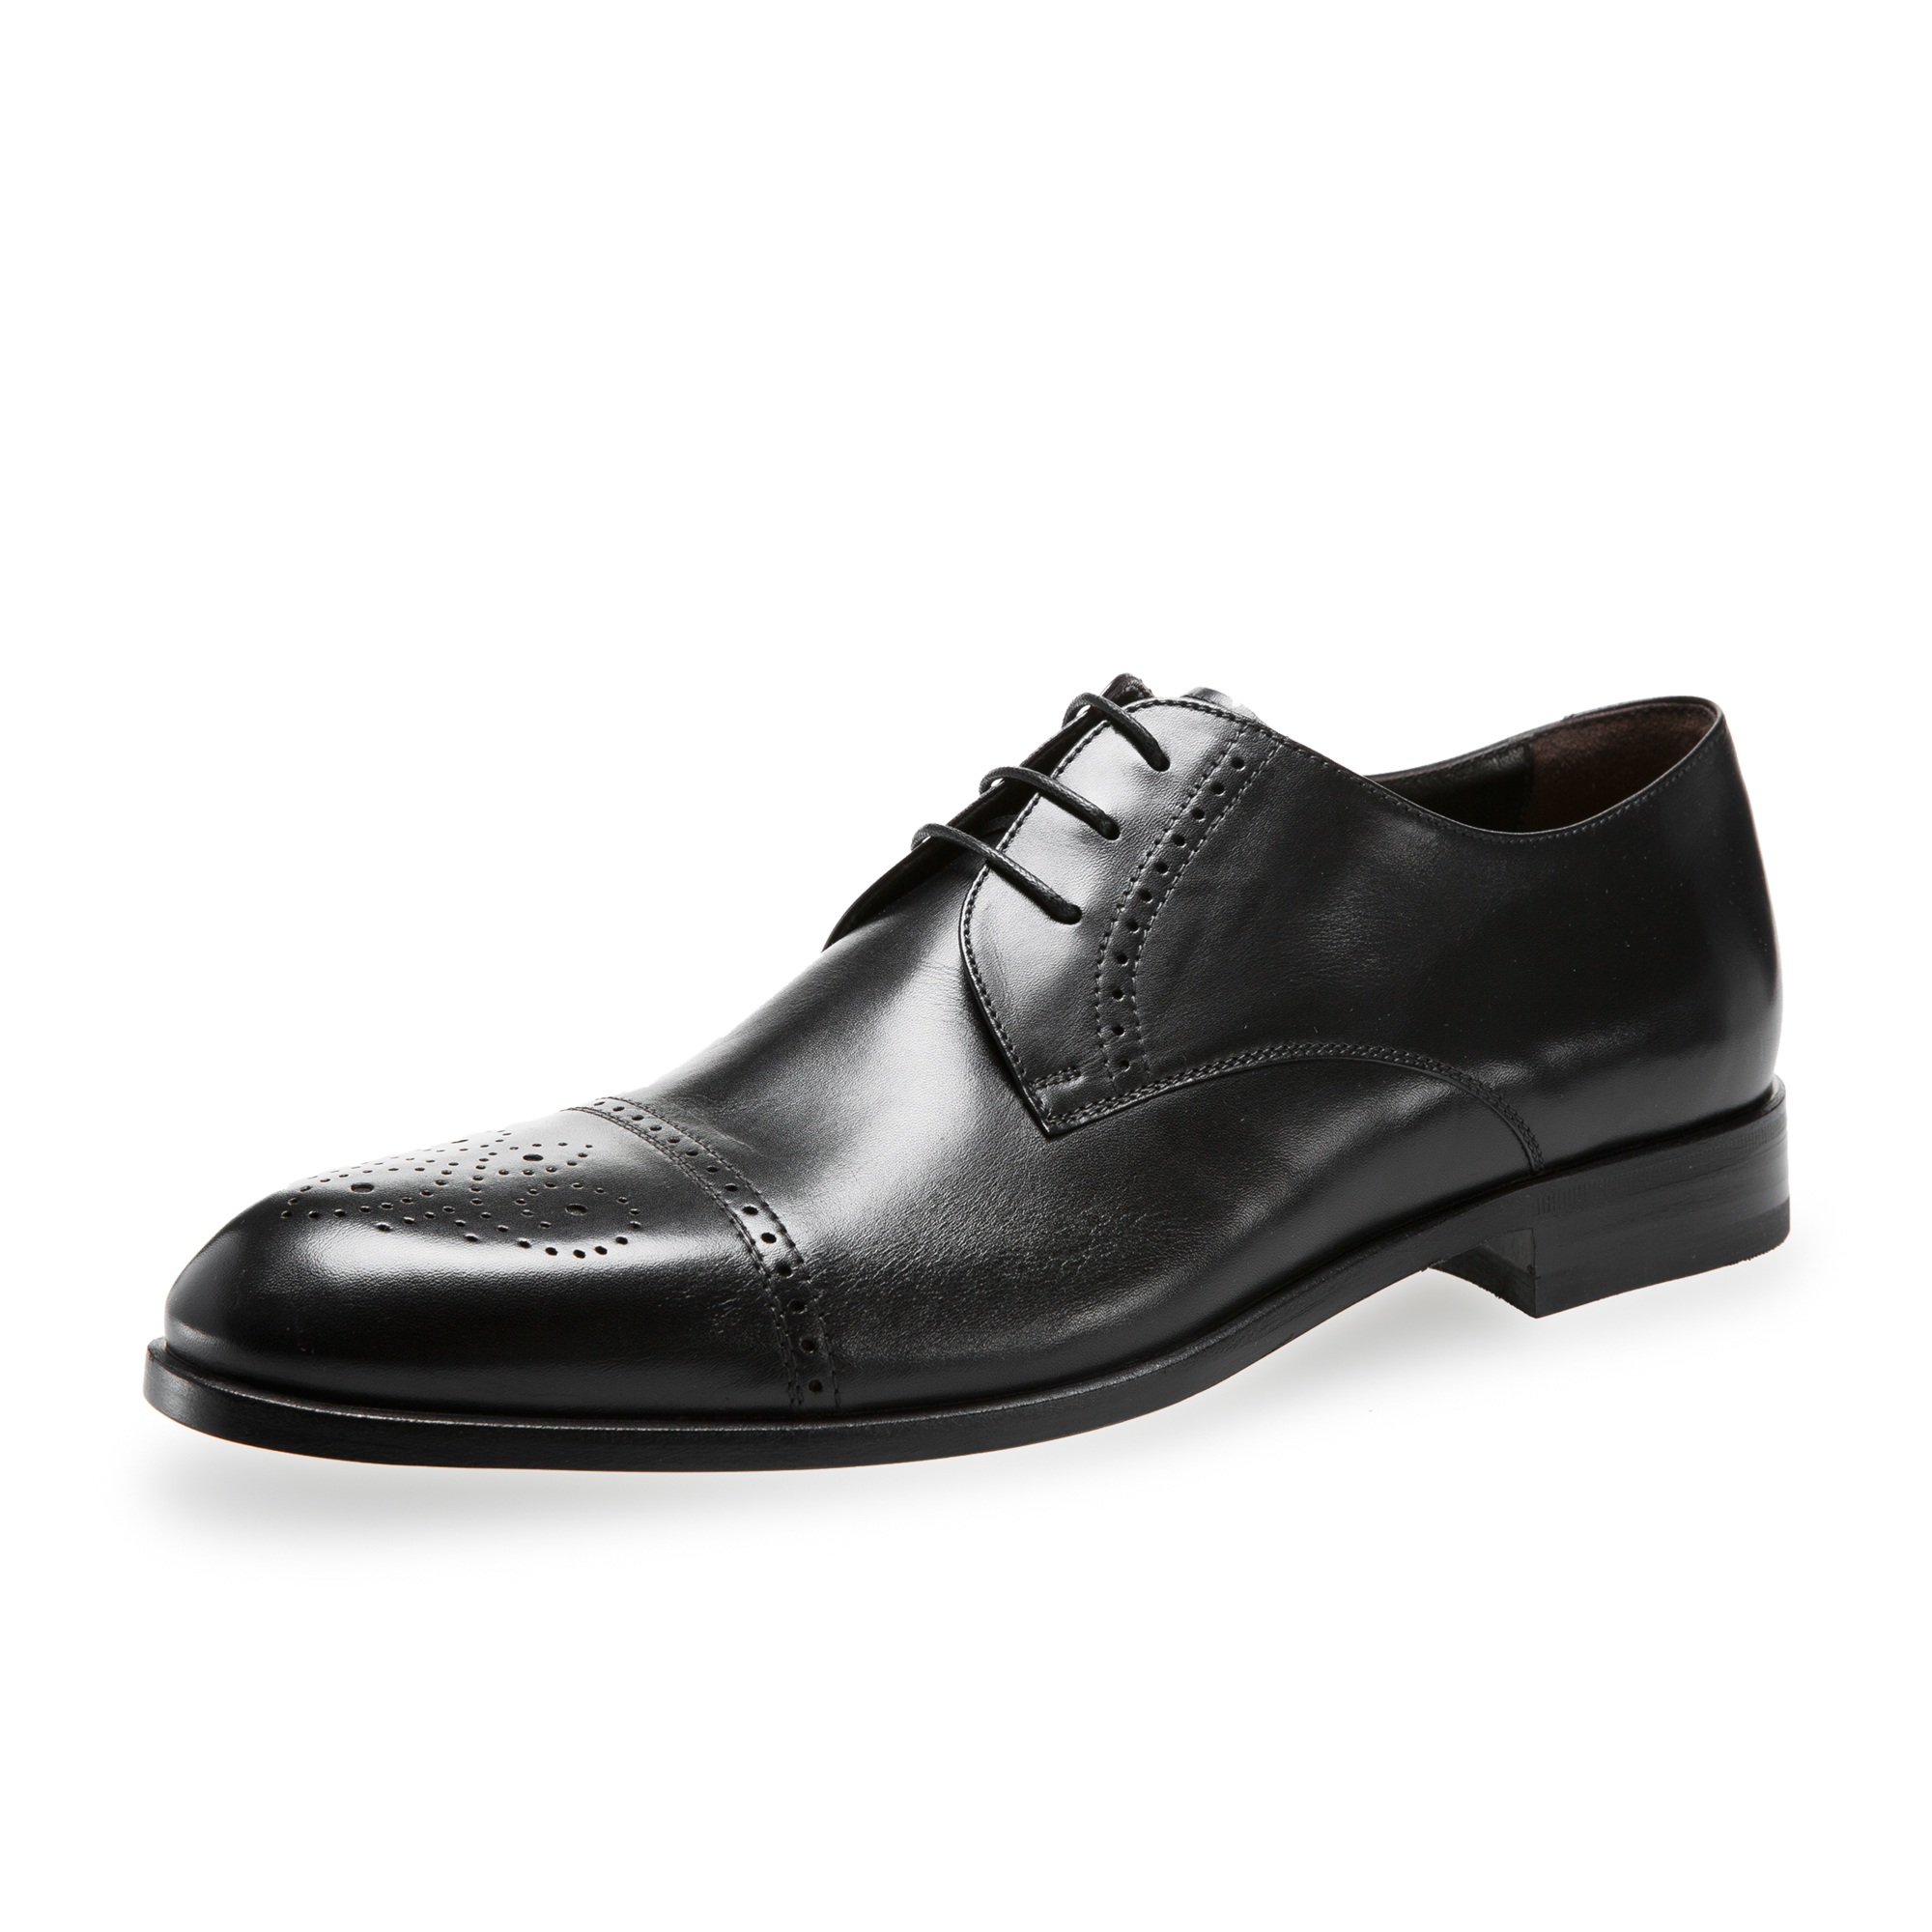 意大利原产germano bellesi带尖头包皮牛皮鞋男士皮鞋768 黑色 40